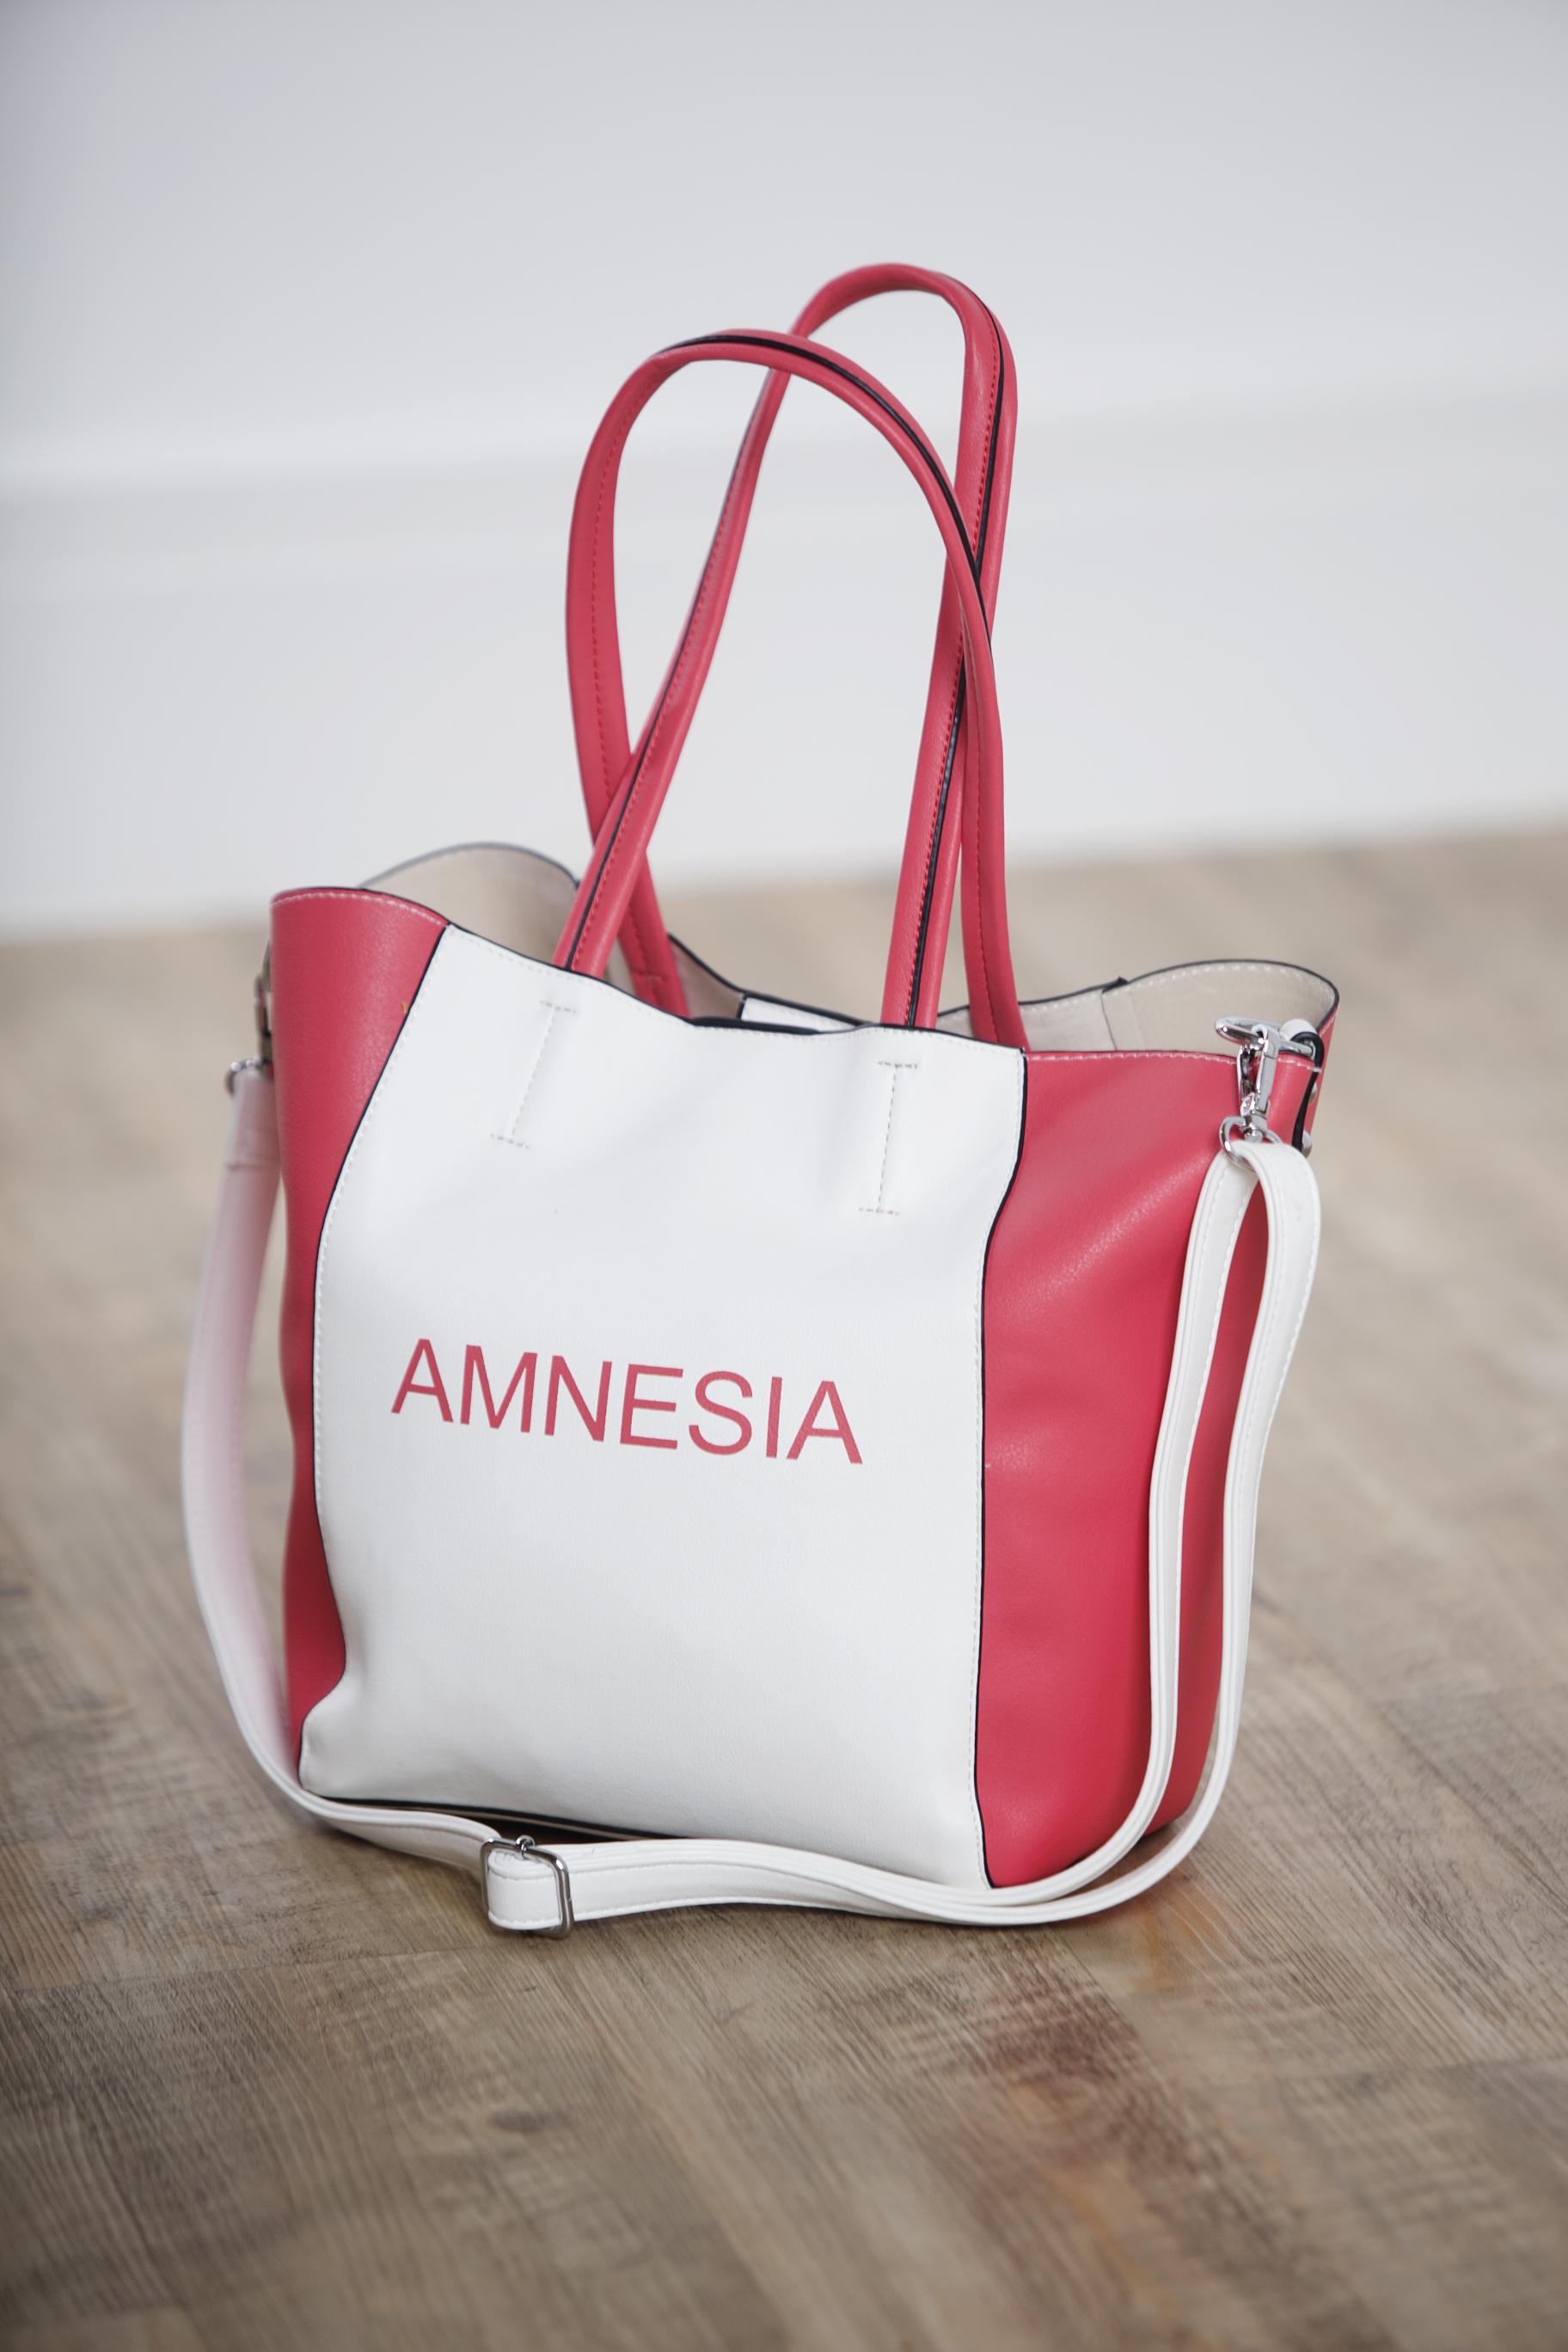 AMNESIA Shopper táska - Amnesia webáruház 371a9b9297